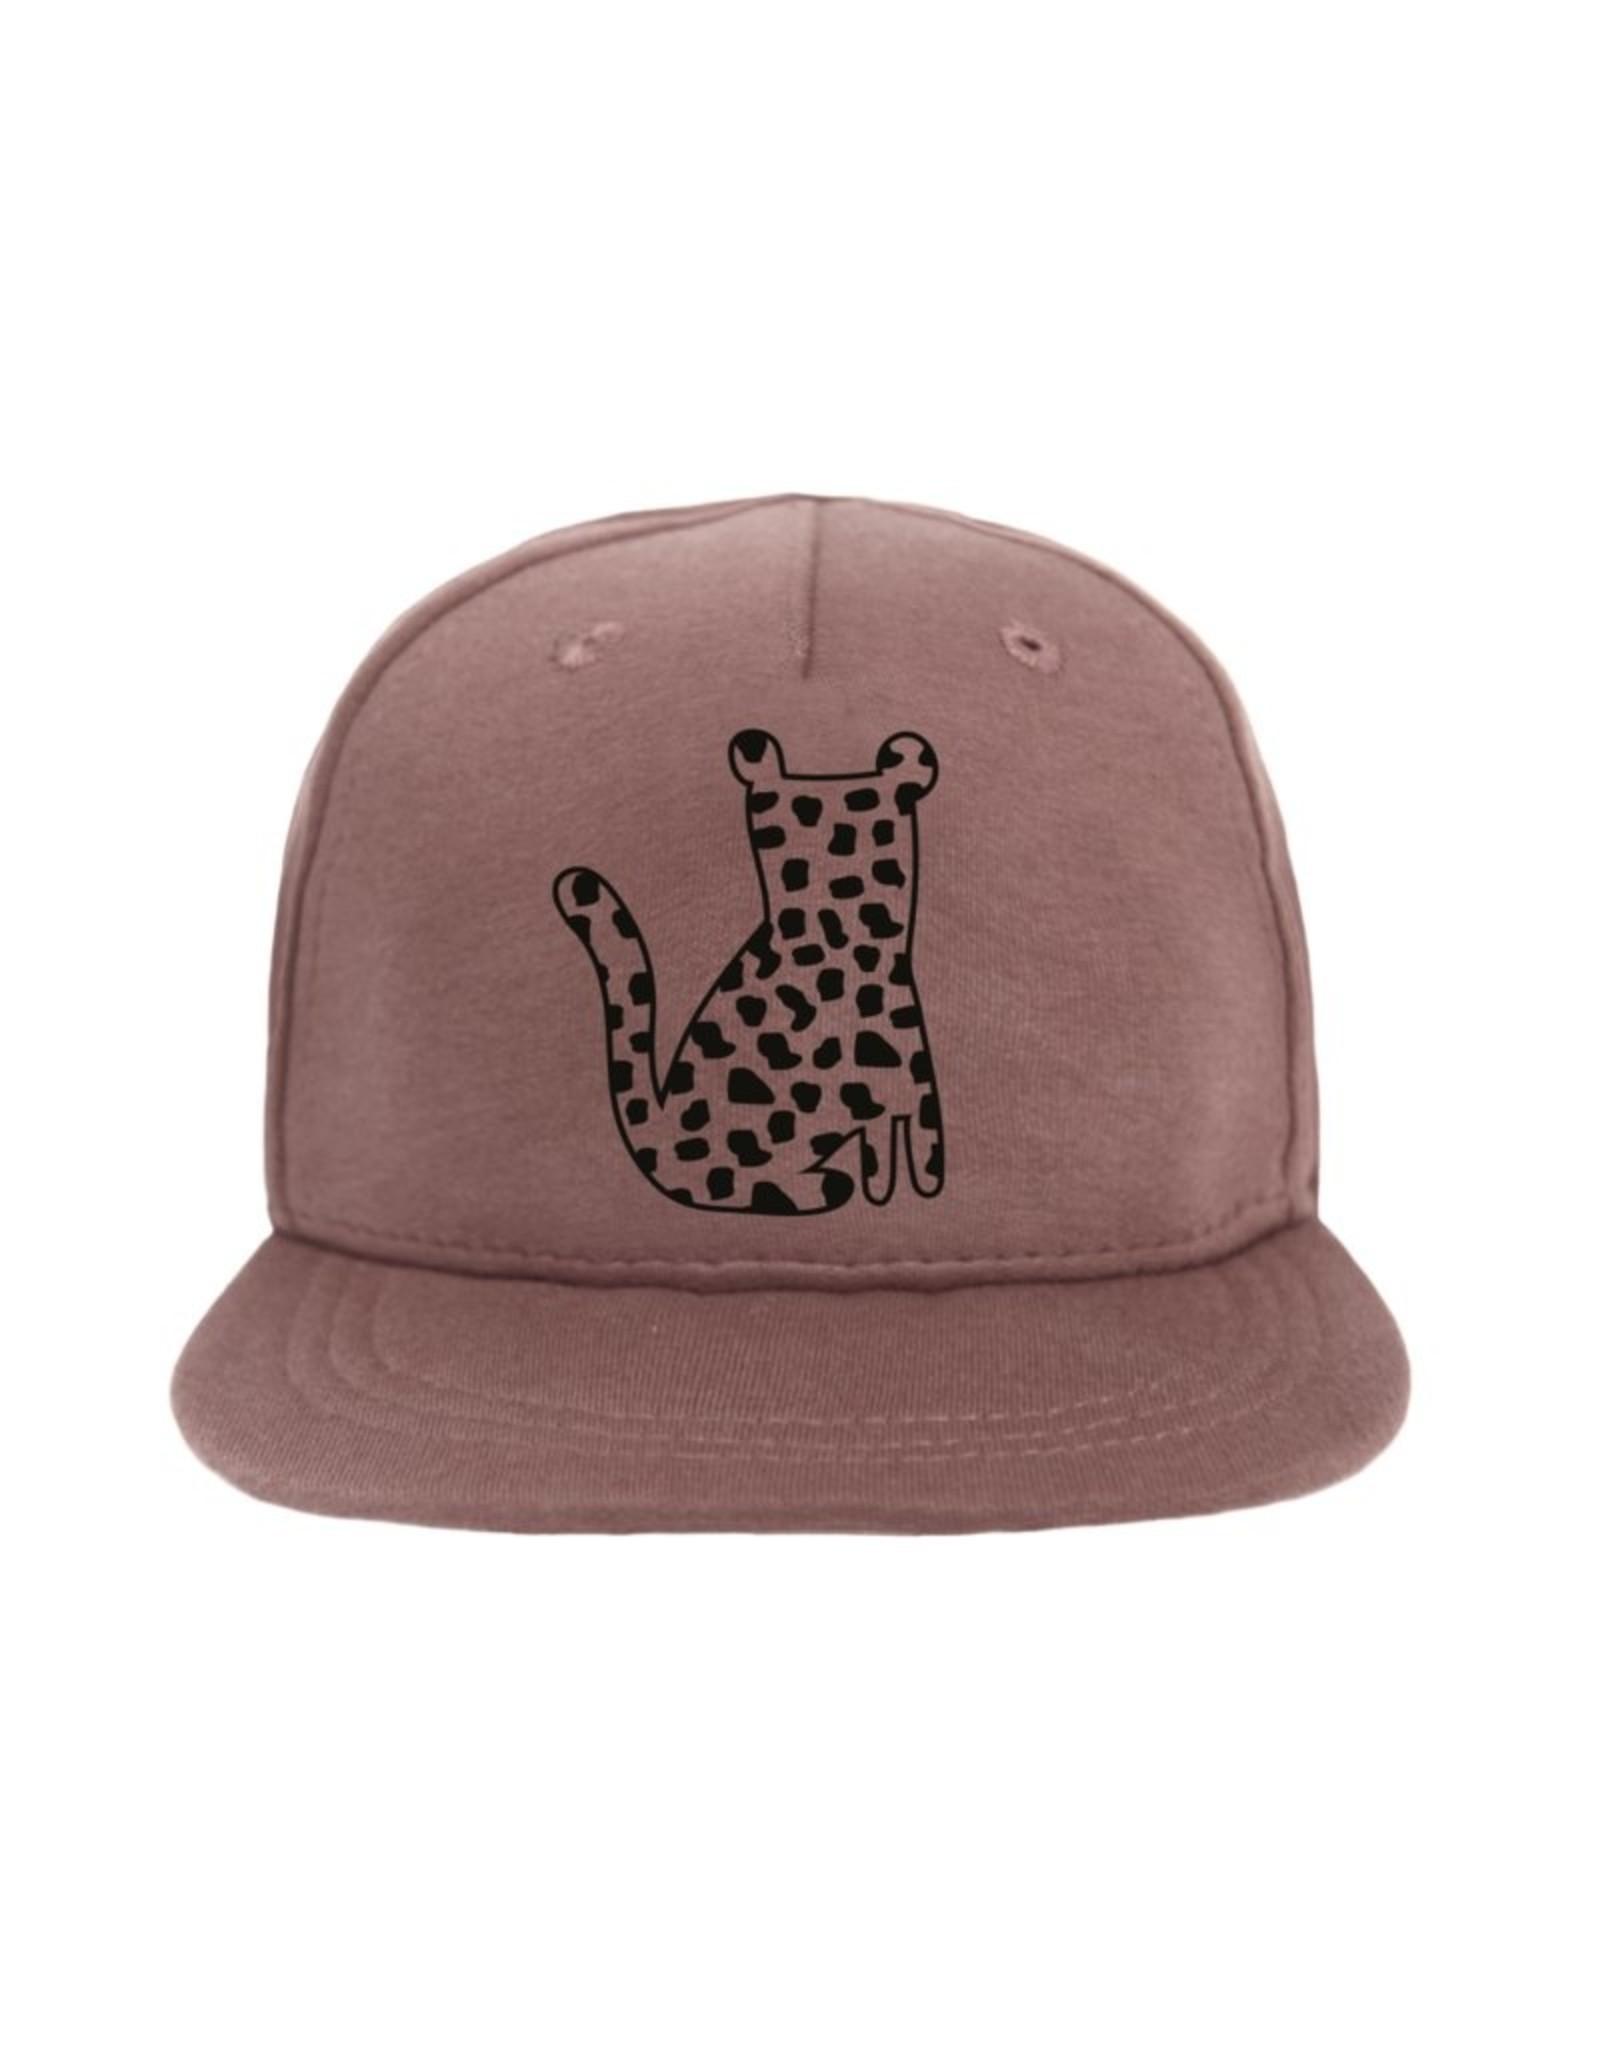 Van Pauline Van Pauline Cap Leopard Spots Dark Pink 74/80